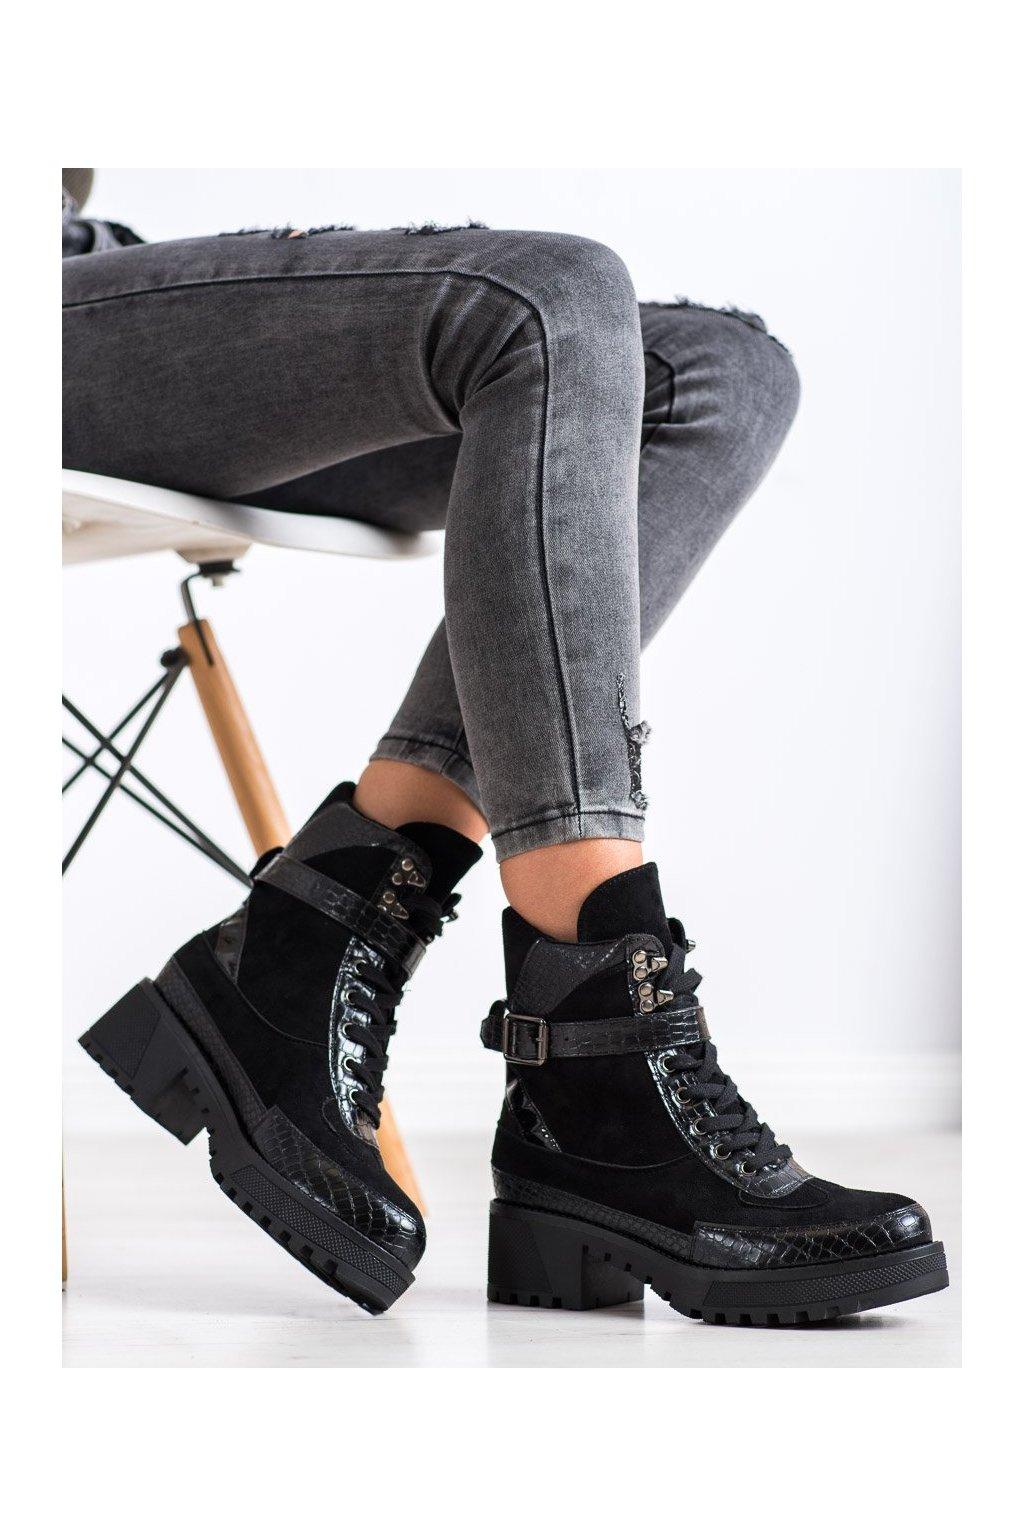 Čierne dámske topánky Gogo kod 20228B